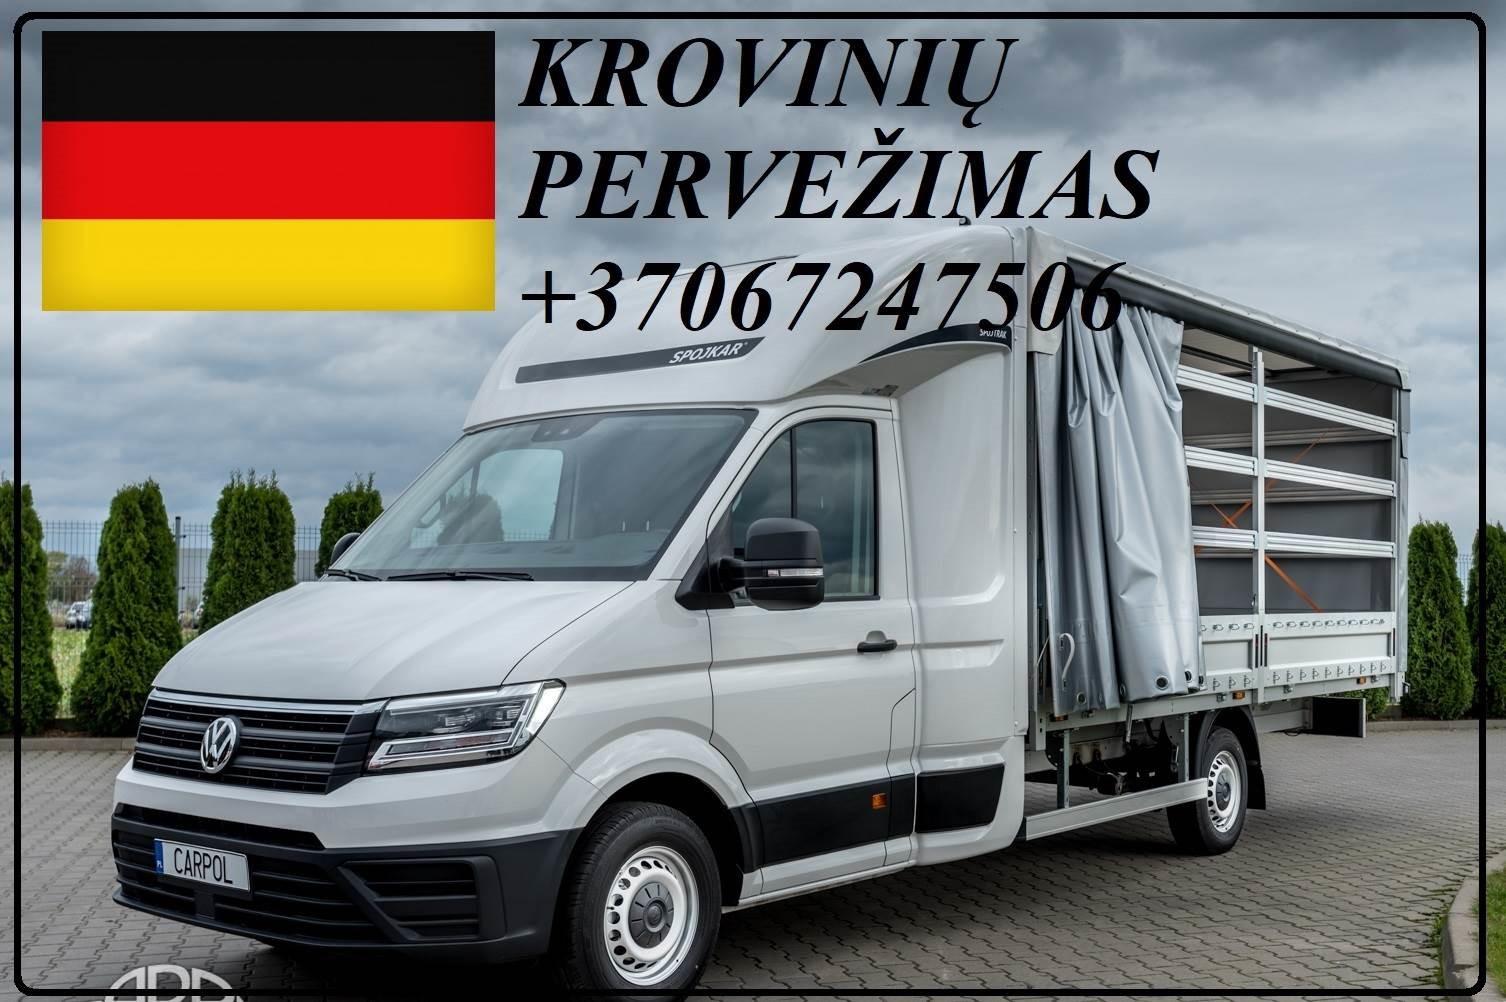 Krovinių Pervežimas tentiniu mikroautobusiuku Lietuva – Vokietija – Lietuva  ! Telpa 8 euro paletės iki 1200kg. Vežame krovinius, siuntas, baldus, įre